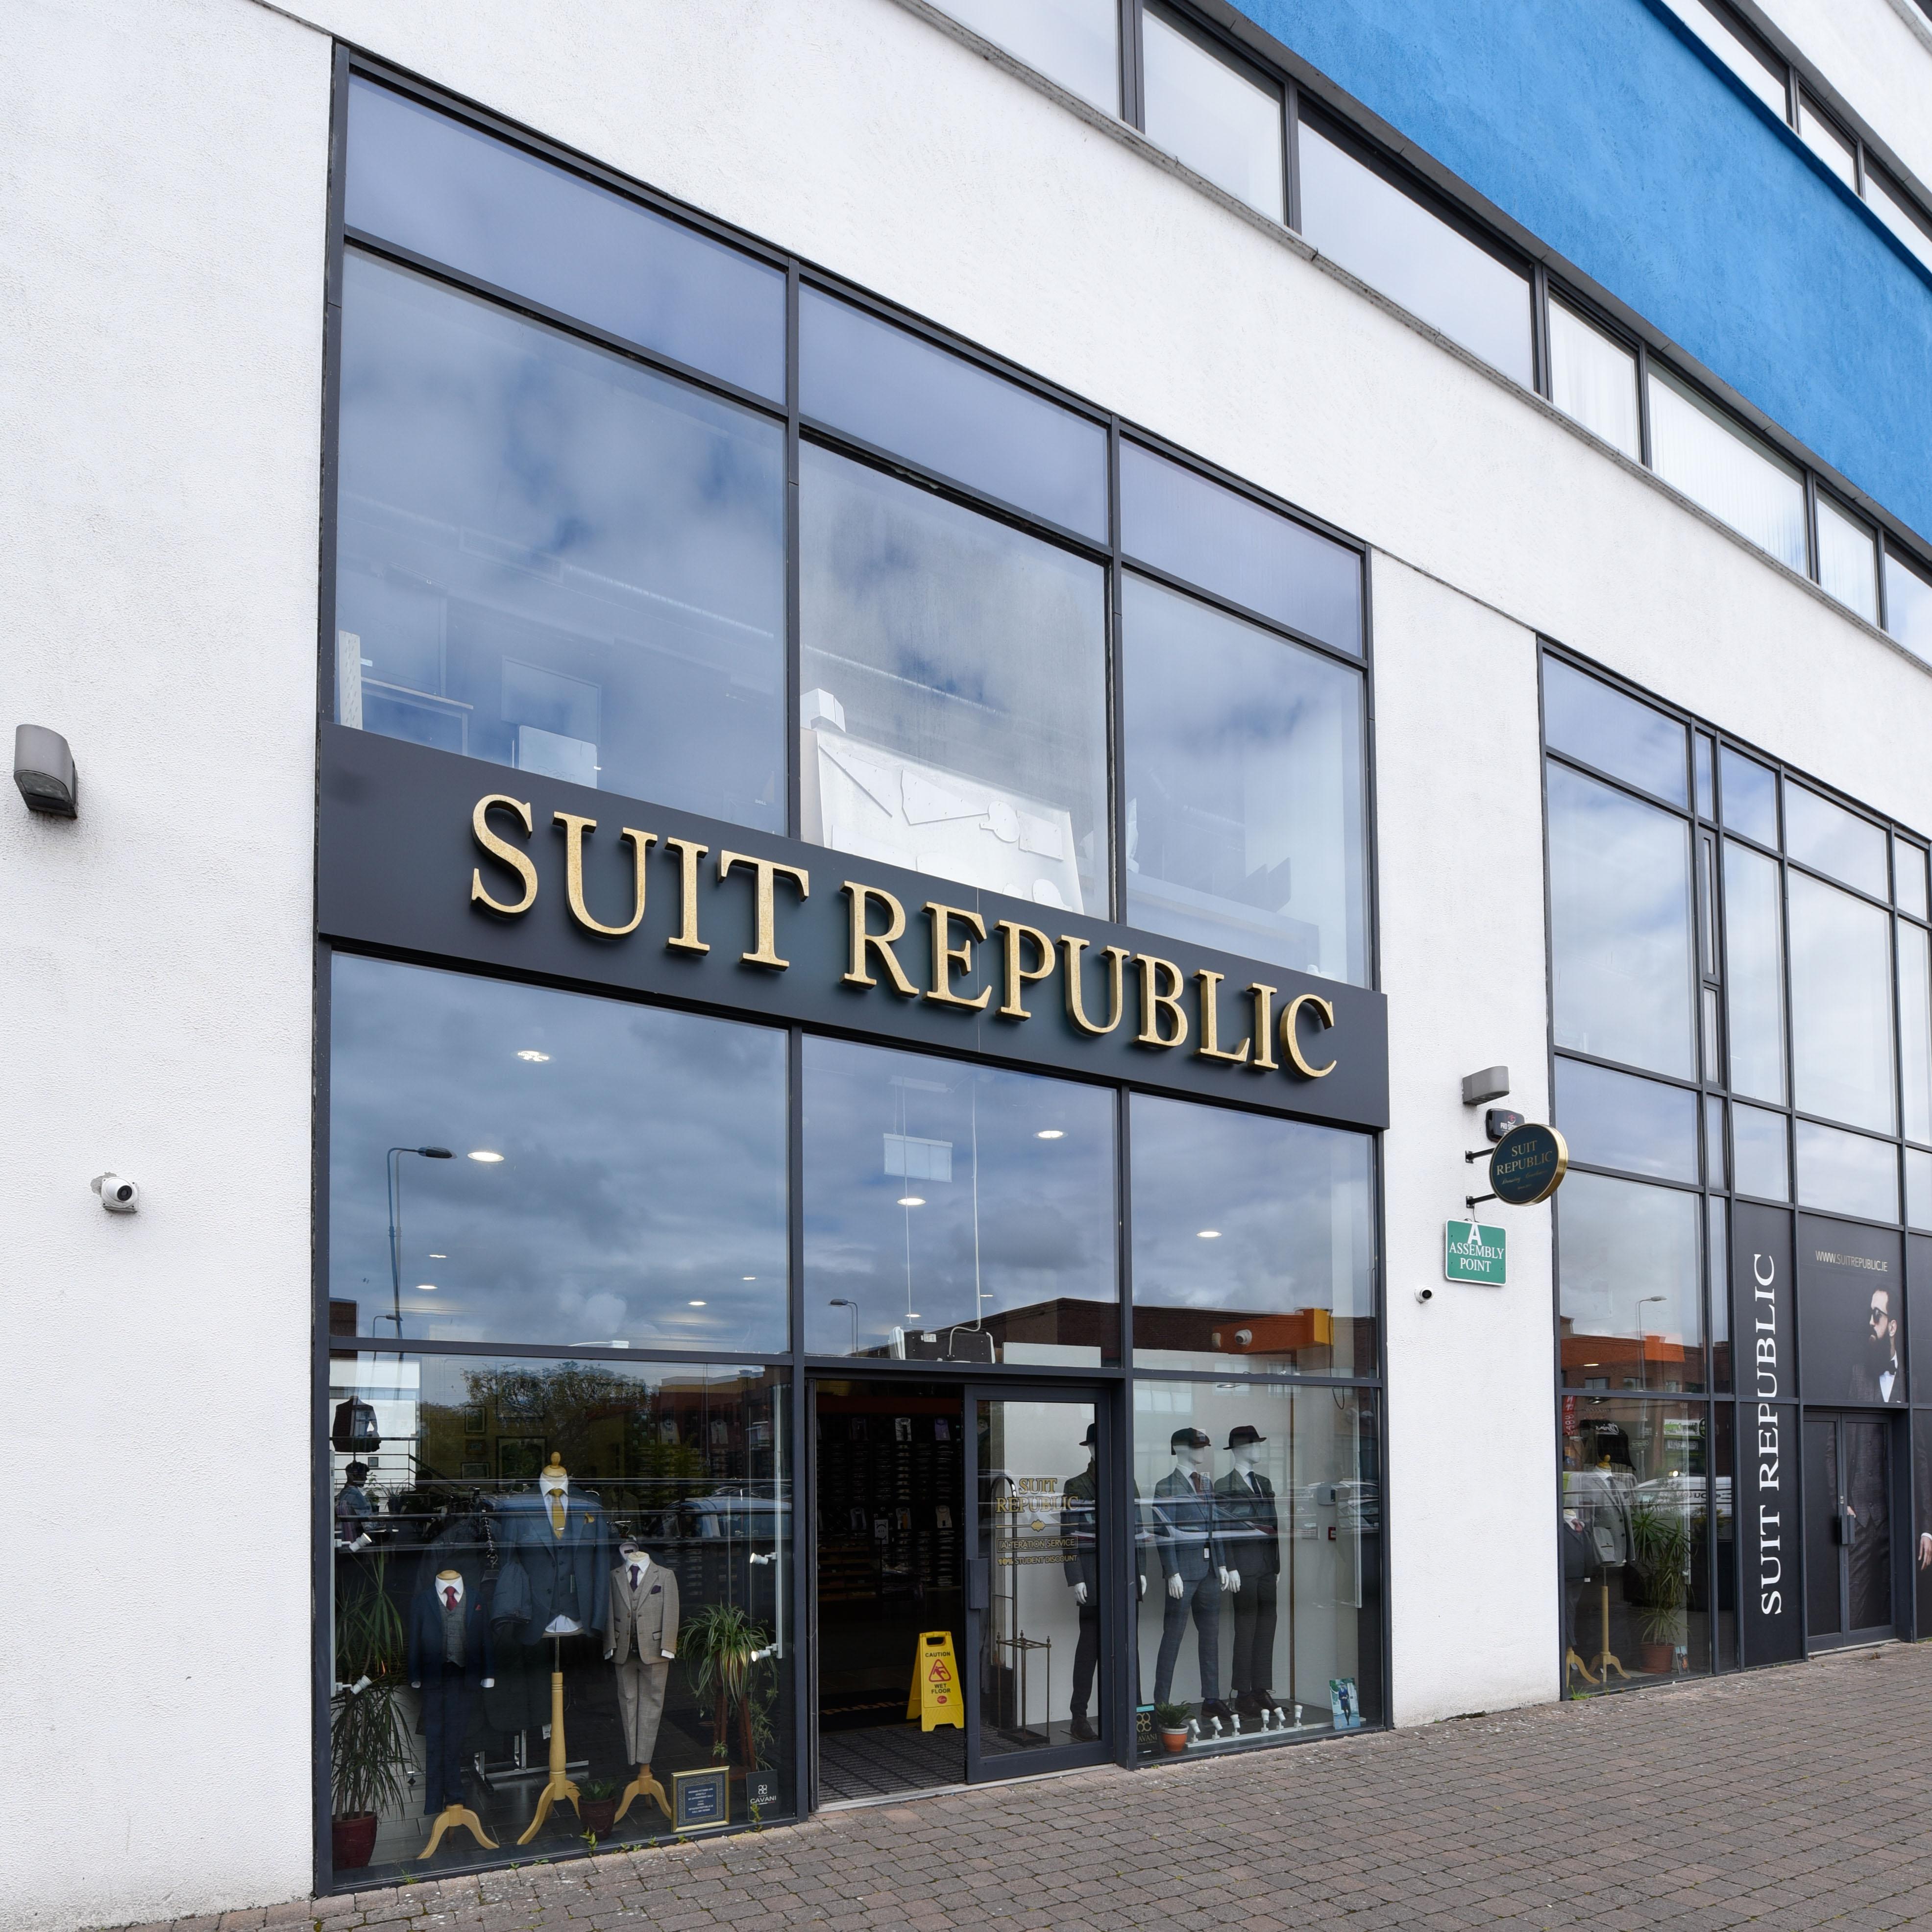 Suit-Republic-11.jpg